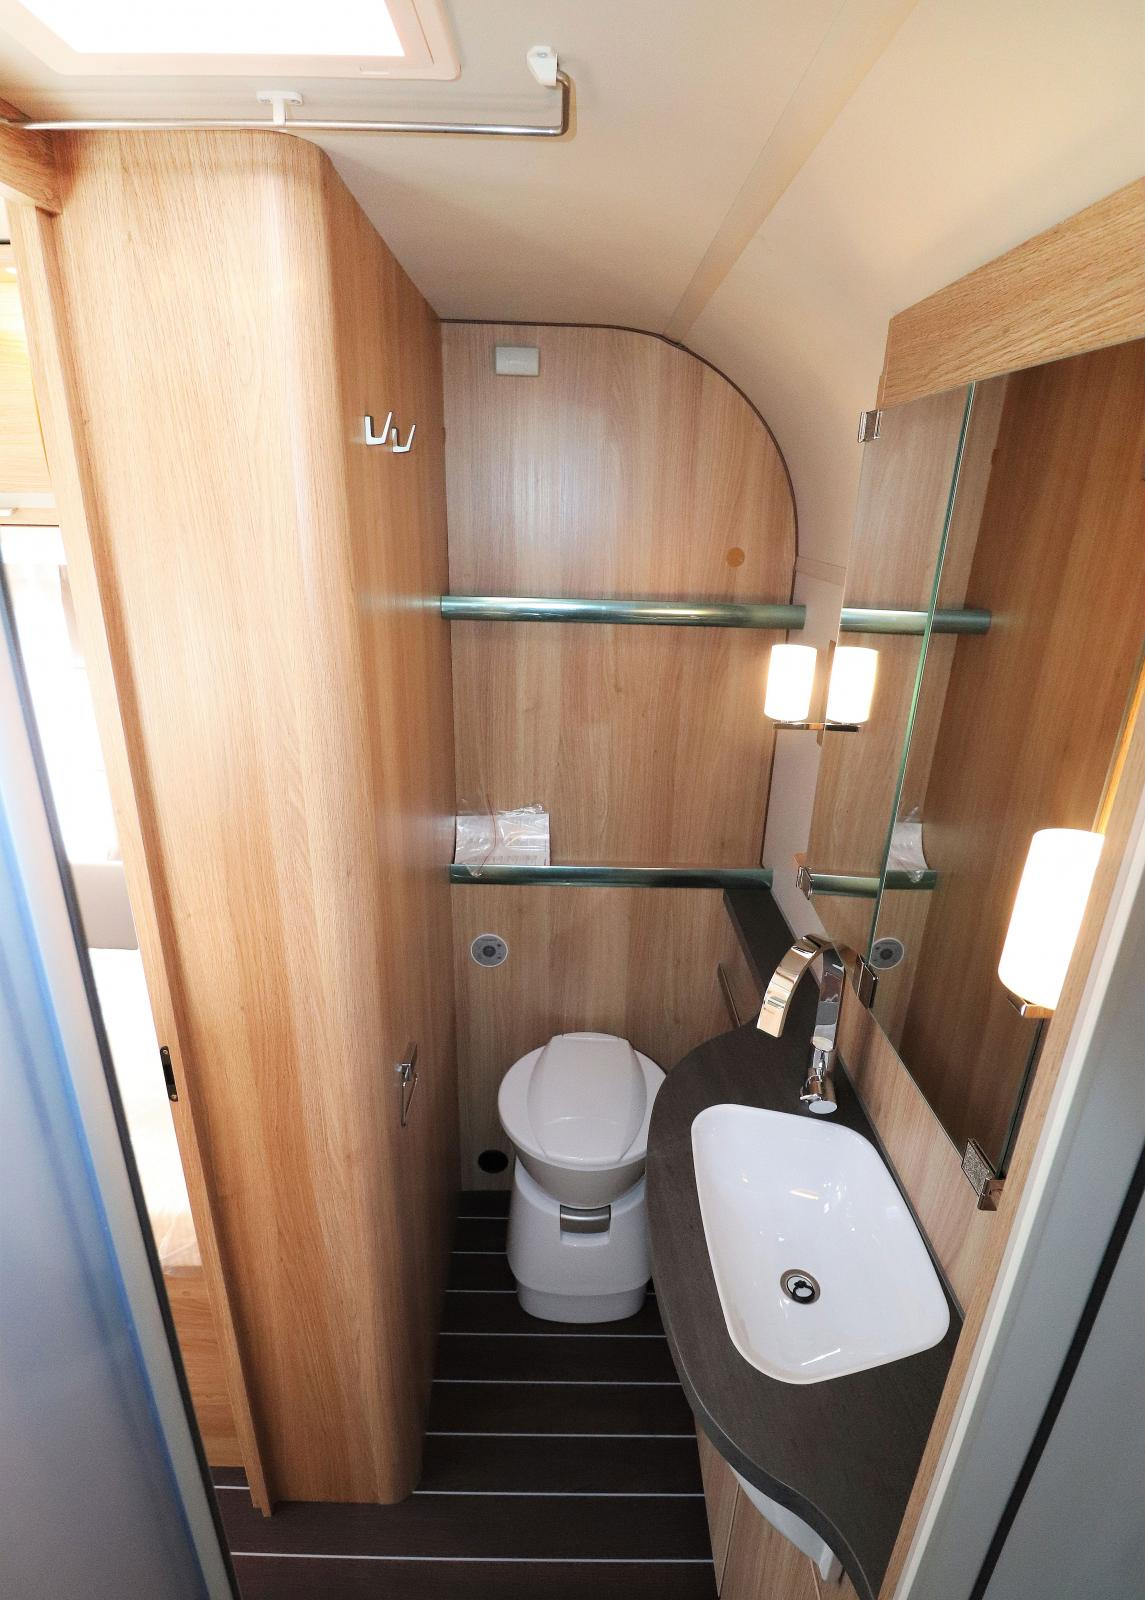 Ovanför toaletten finns två hyllor med liten kant. Bakom spegeln finns plats för mer förvaring.